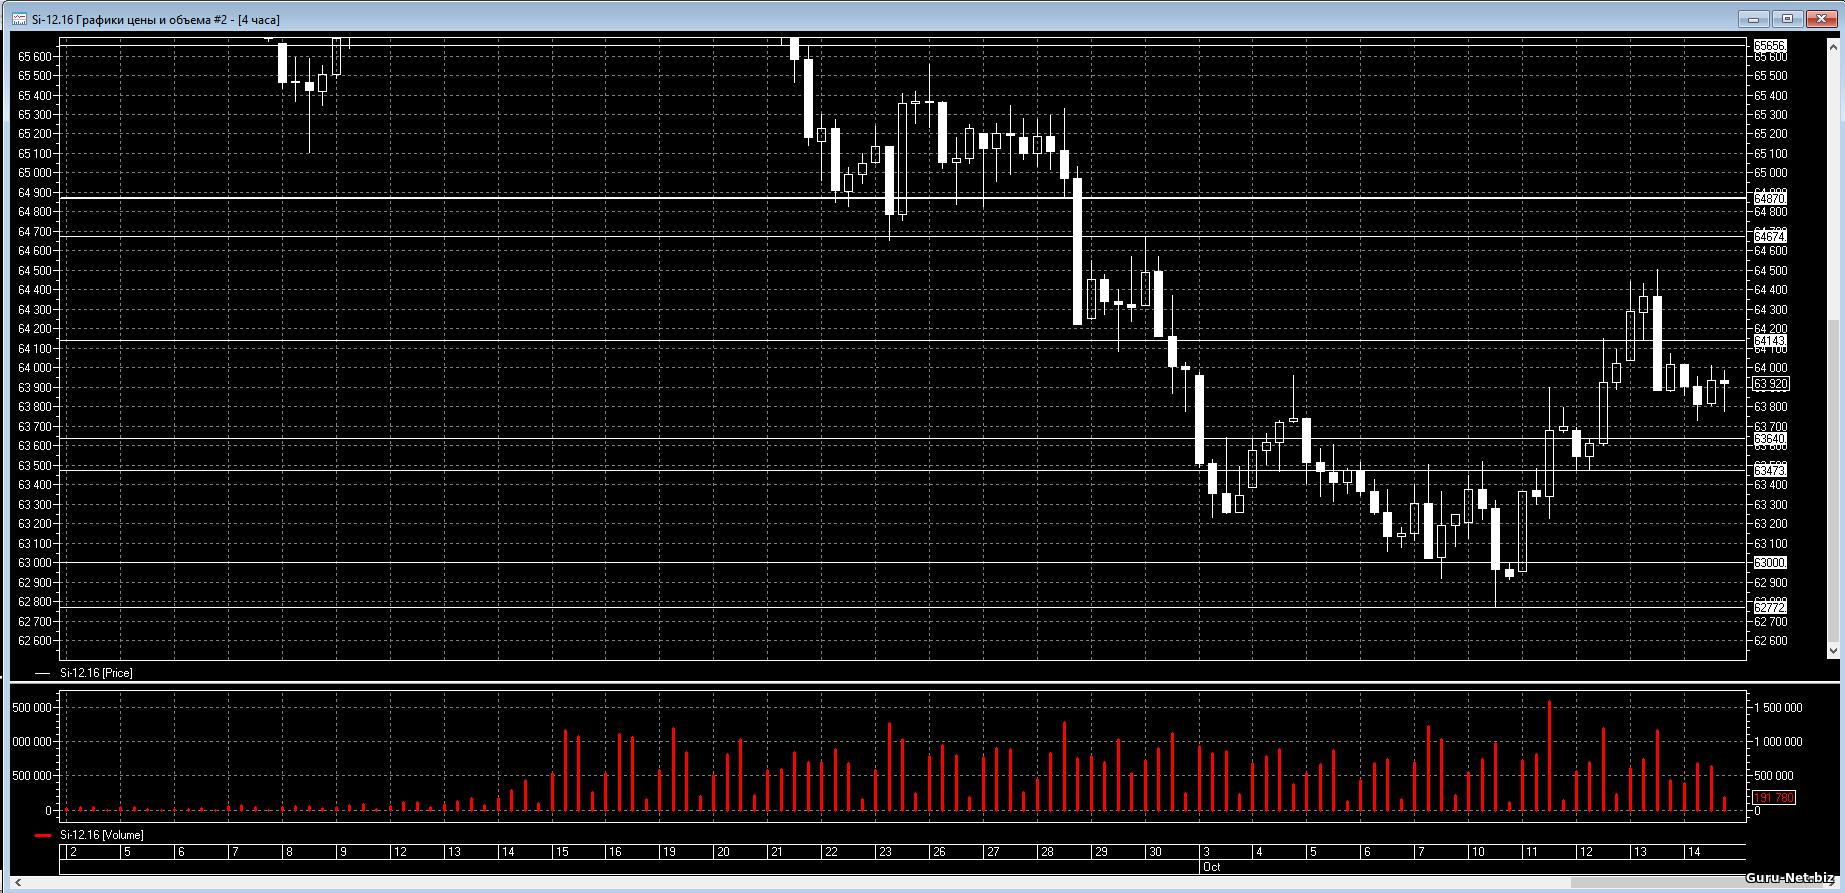 Уровни поддержки сопротивления фьючерса на пару доллар рубль, таймфрейм - H4